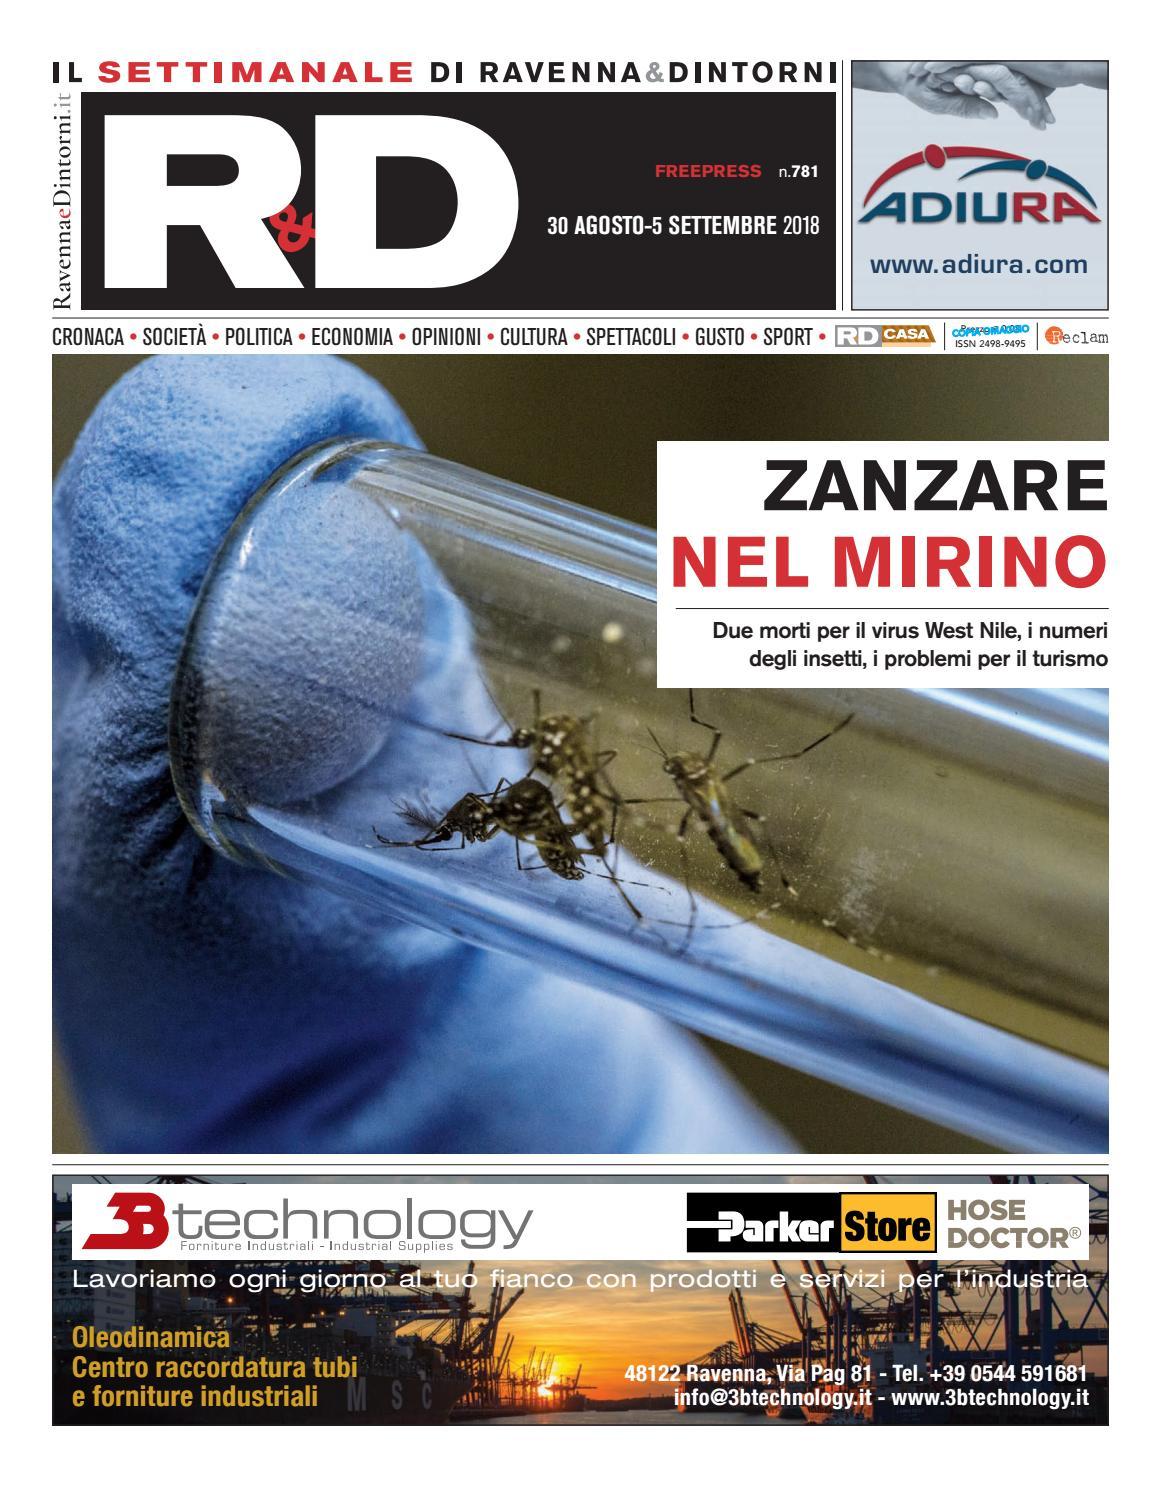 Insetti Bianchi Sul Parquet rd 30 08 18 by reclam edizioni e comunicazione - issuu